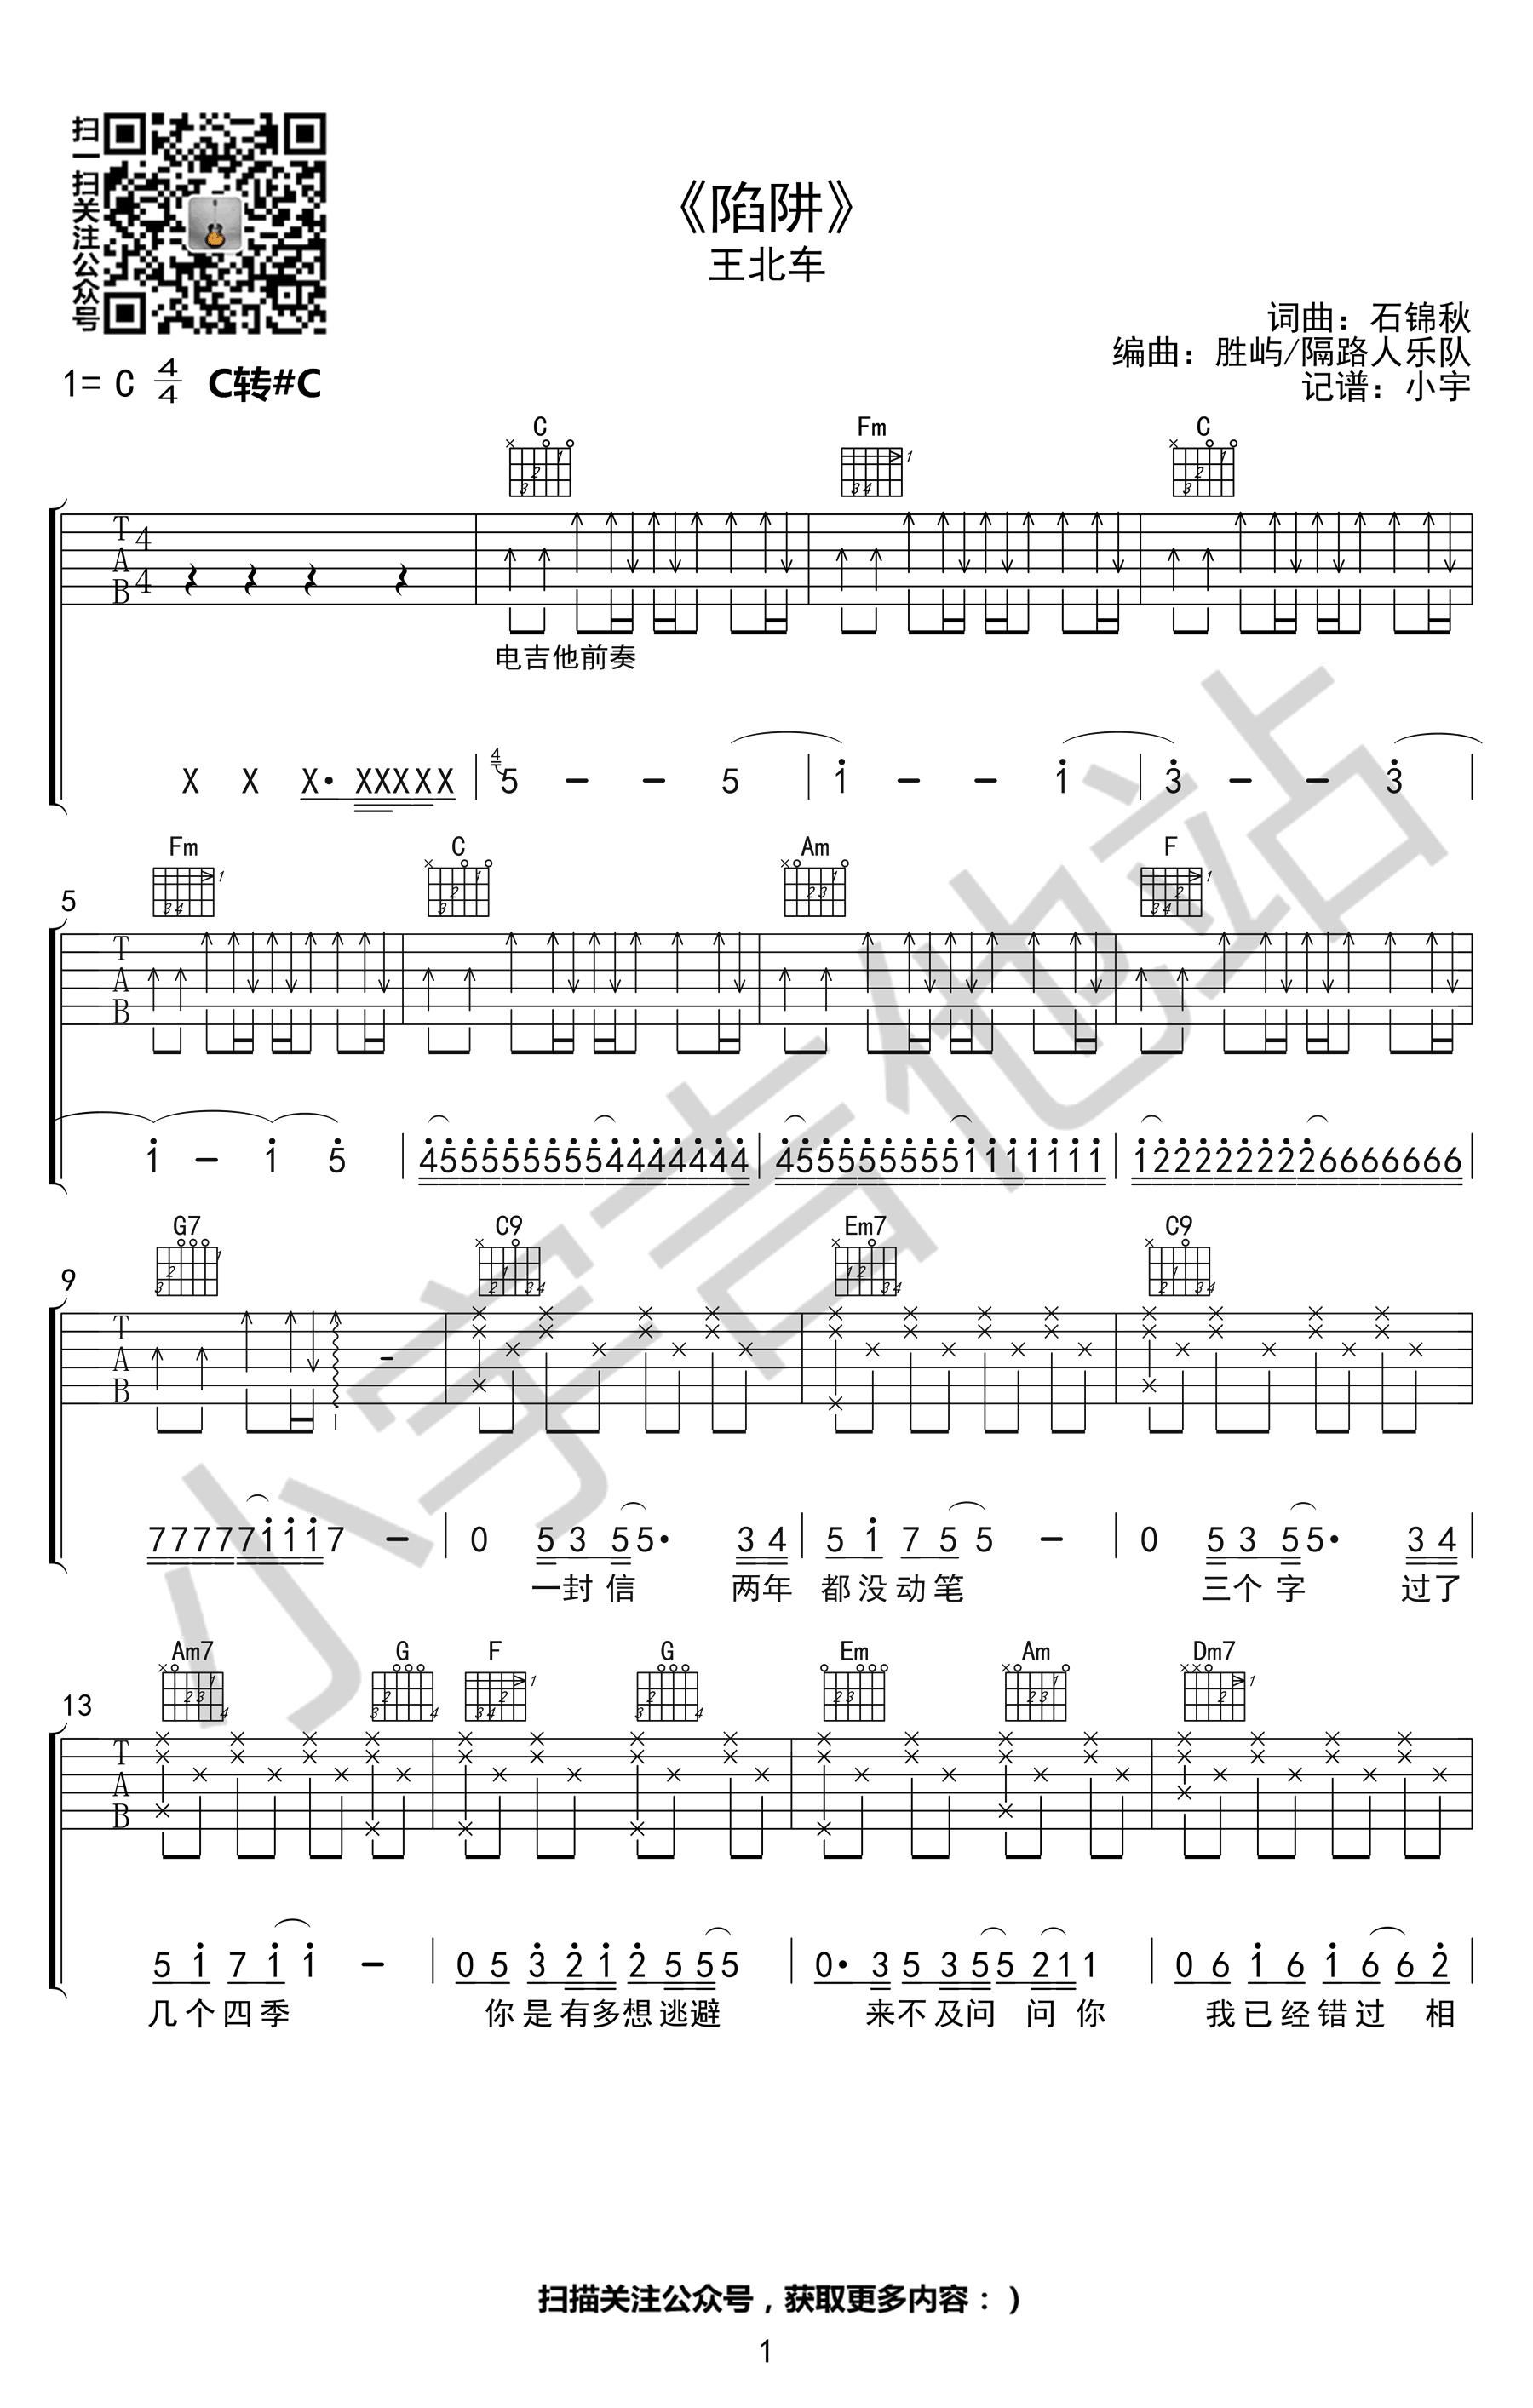 陷阱-王北車-图片吉他谱-1